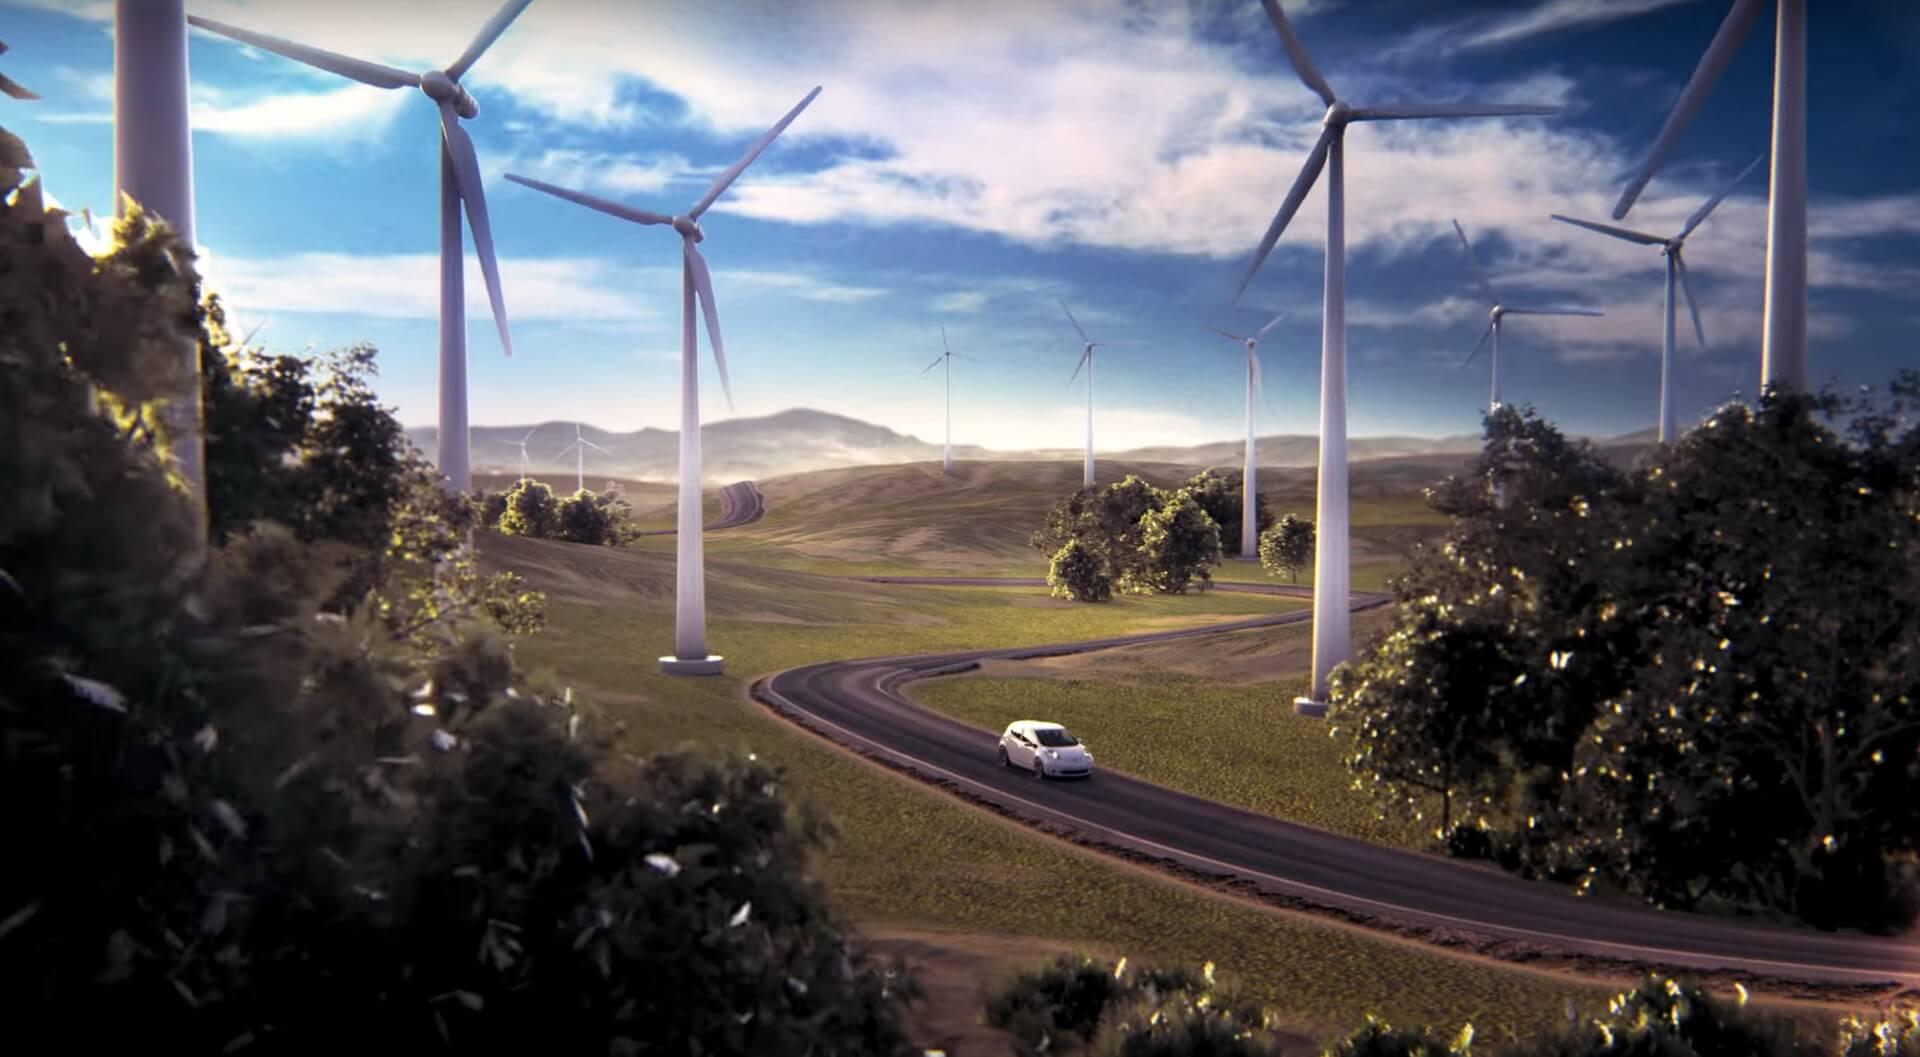 Альтернативные источники энергии — ветер